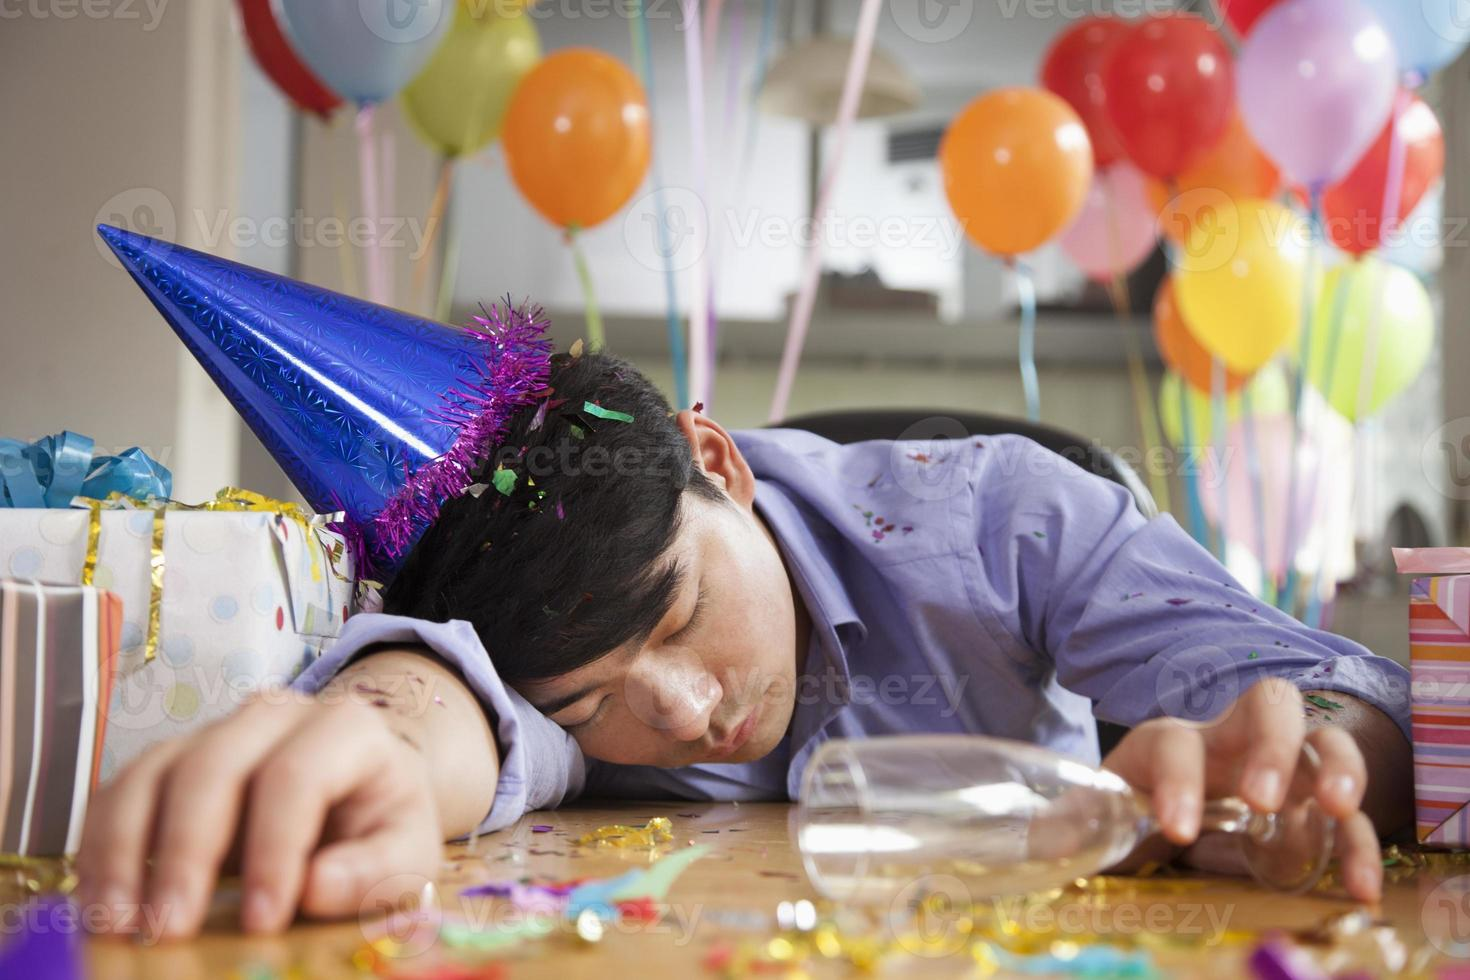 mâle endormi après la fête au bureau photo